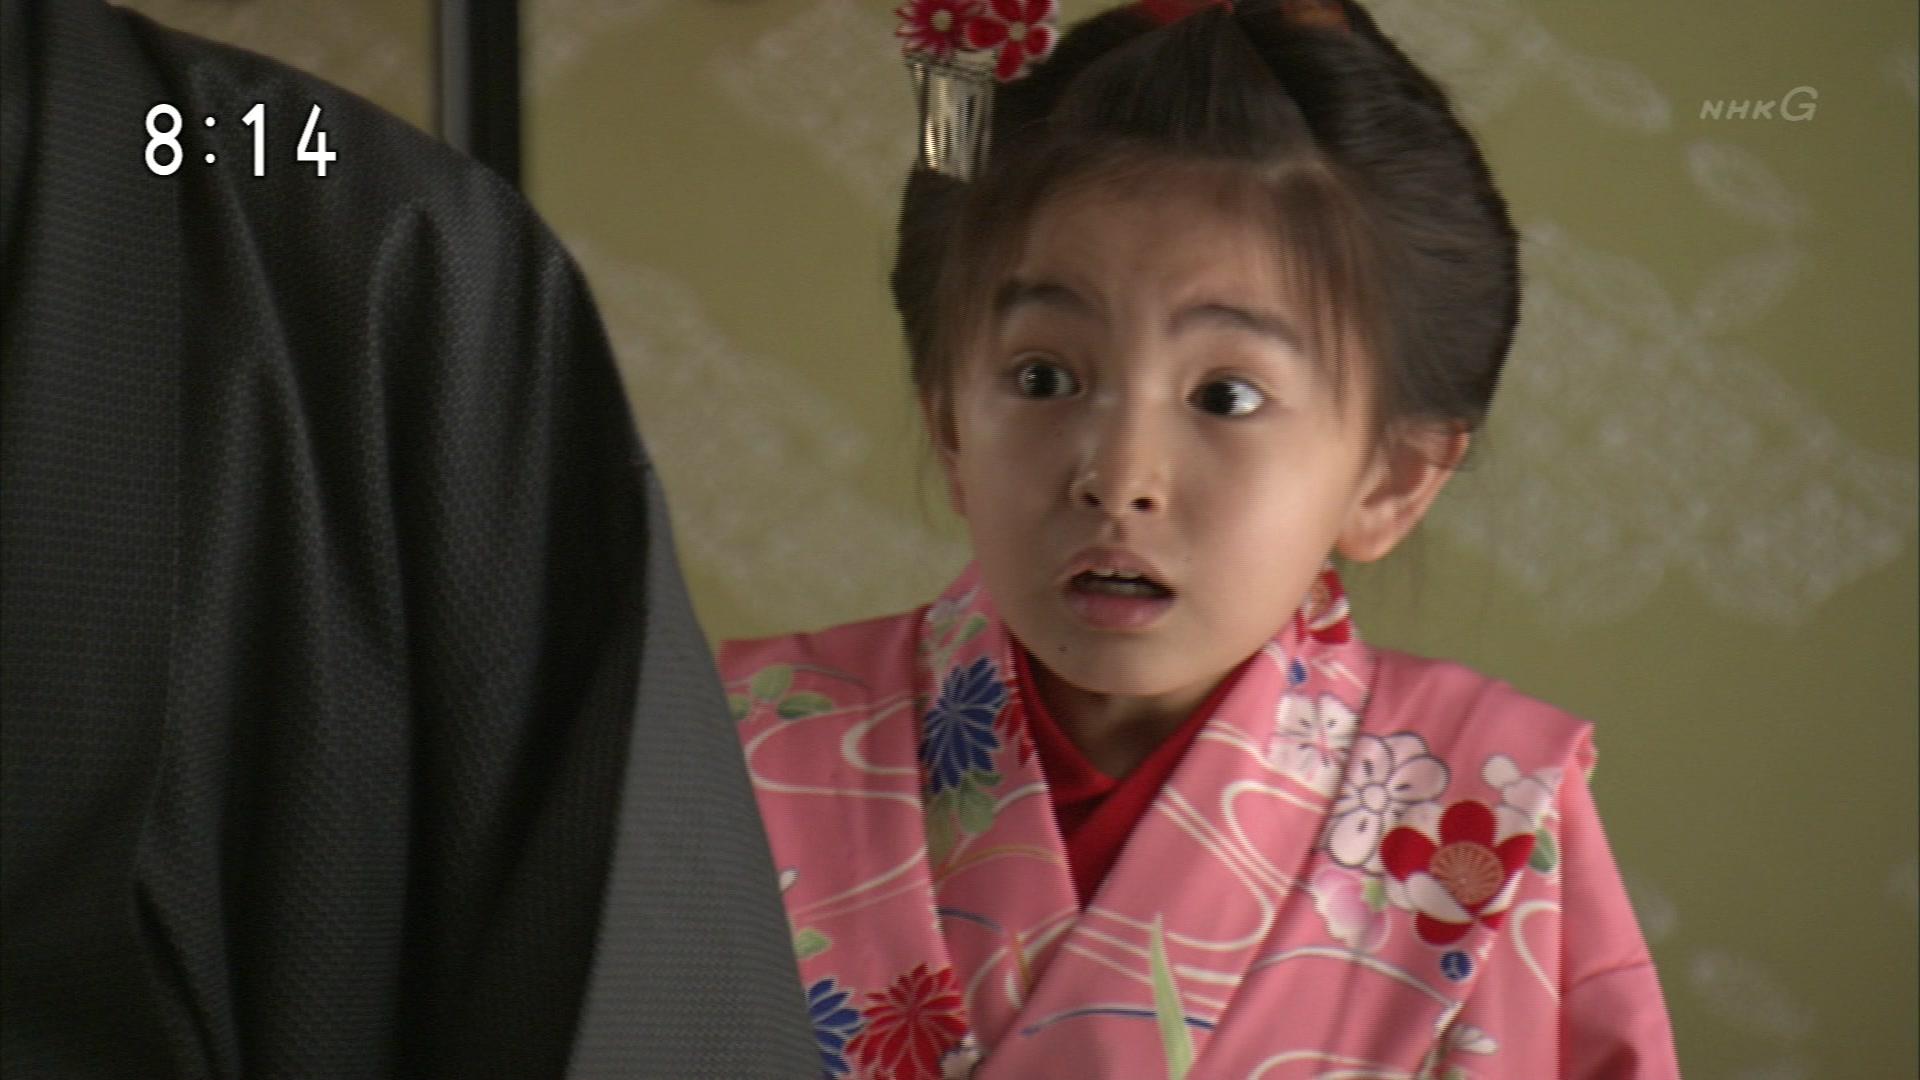 2015-09-28 08:00 連続テレビ小説 あさが来た(1)「小さな許嫁(いいなずけ)」 26076